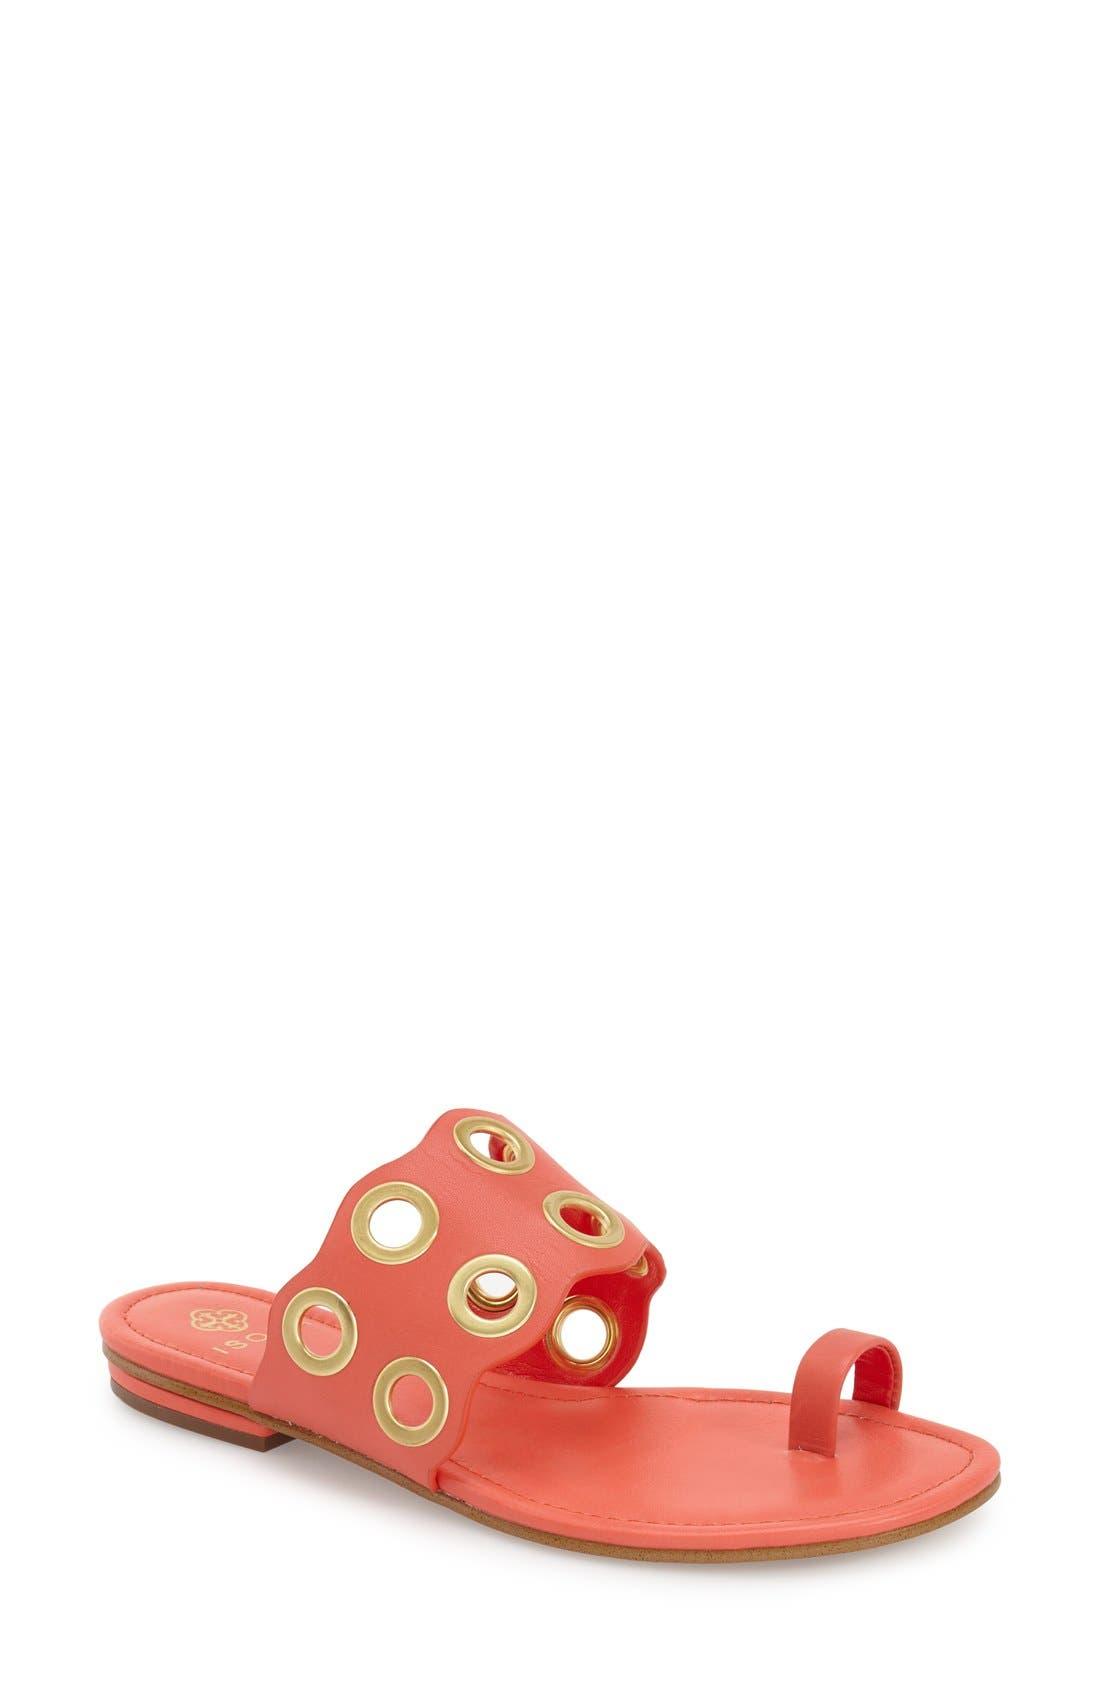 Main Image - Isolá 'Milo' Grommet Flat Sandal (Women)